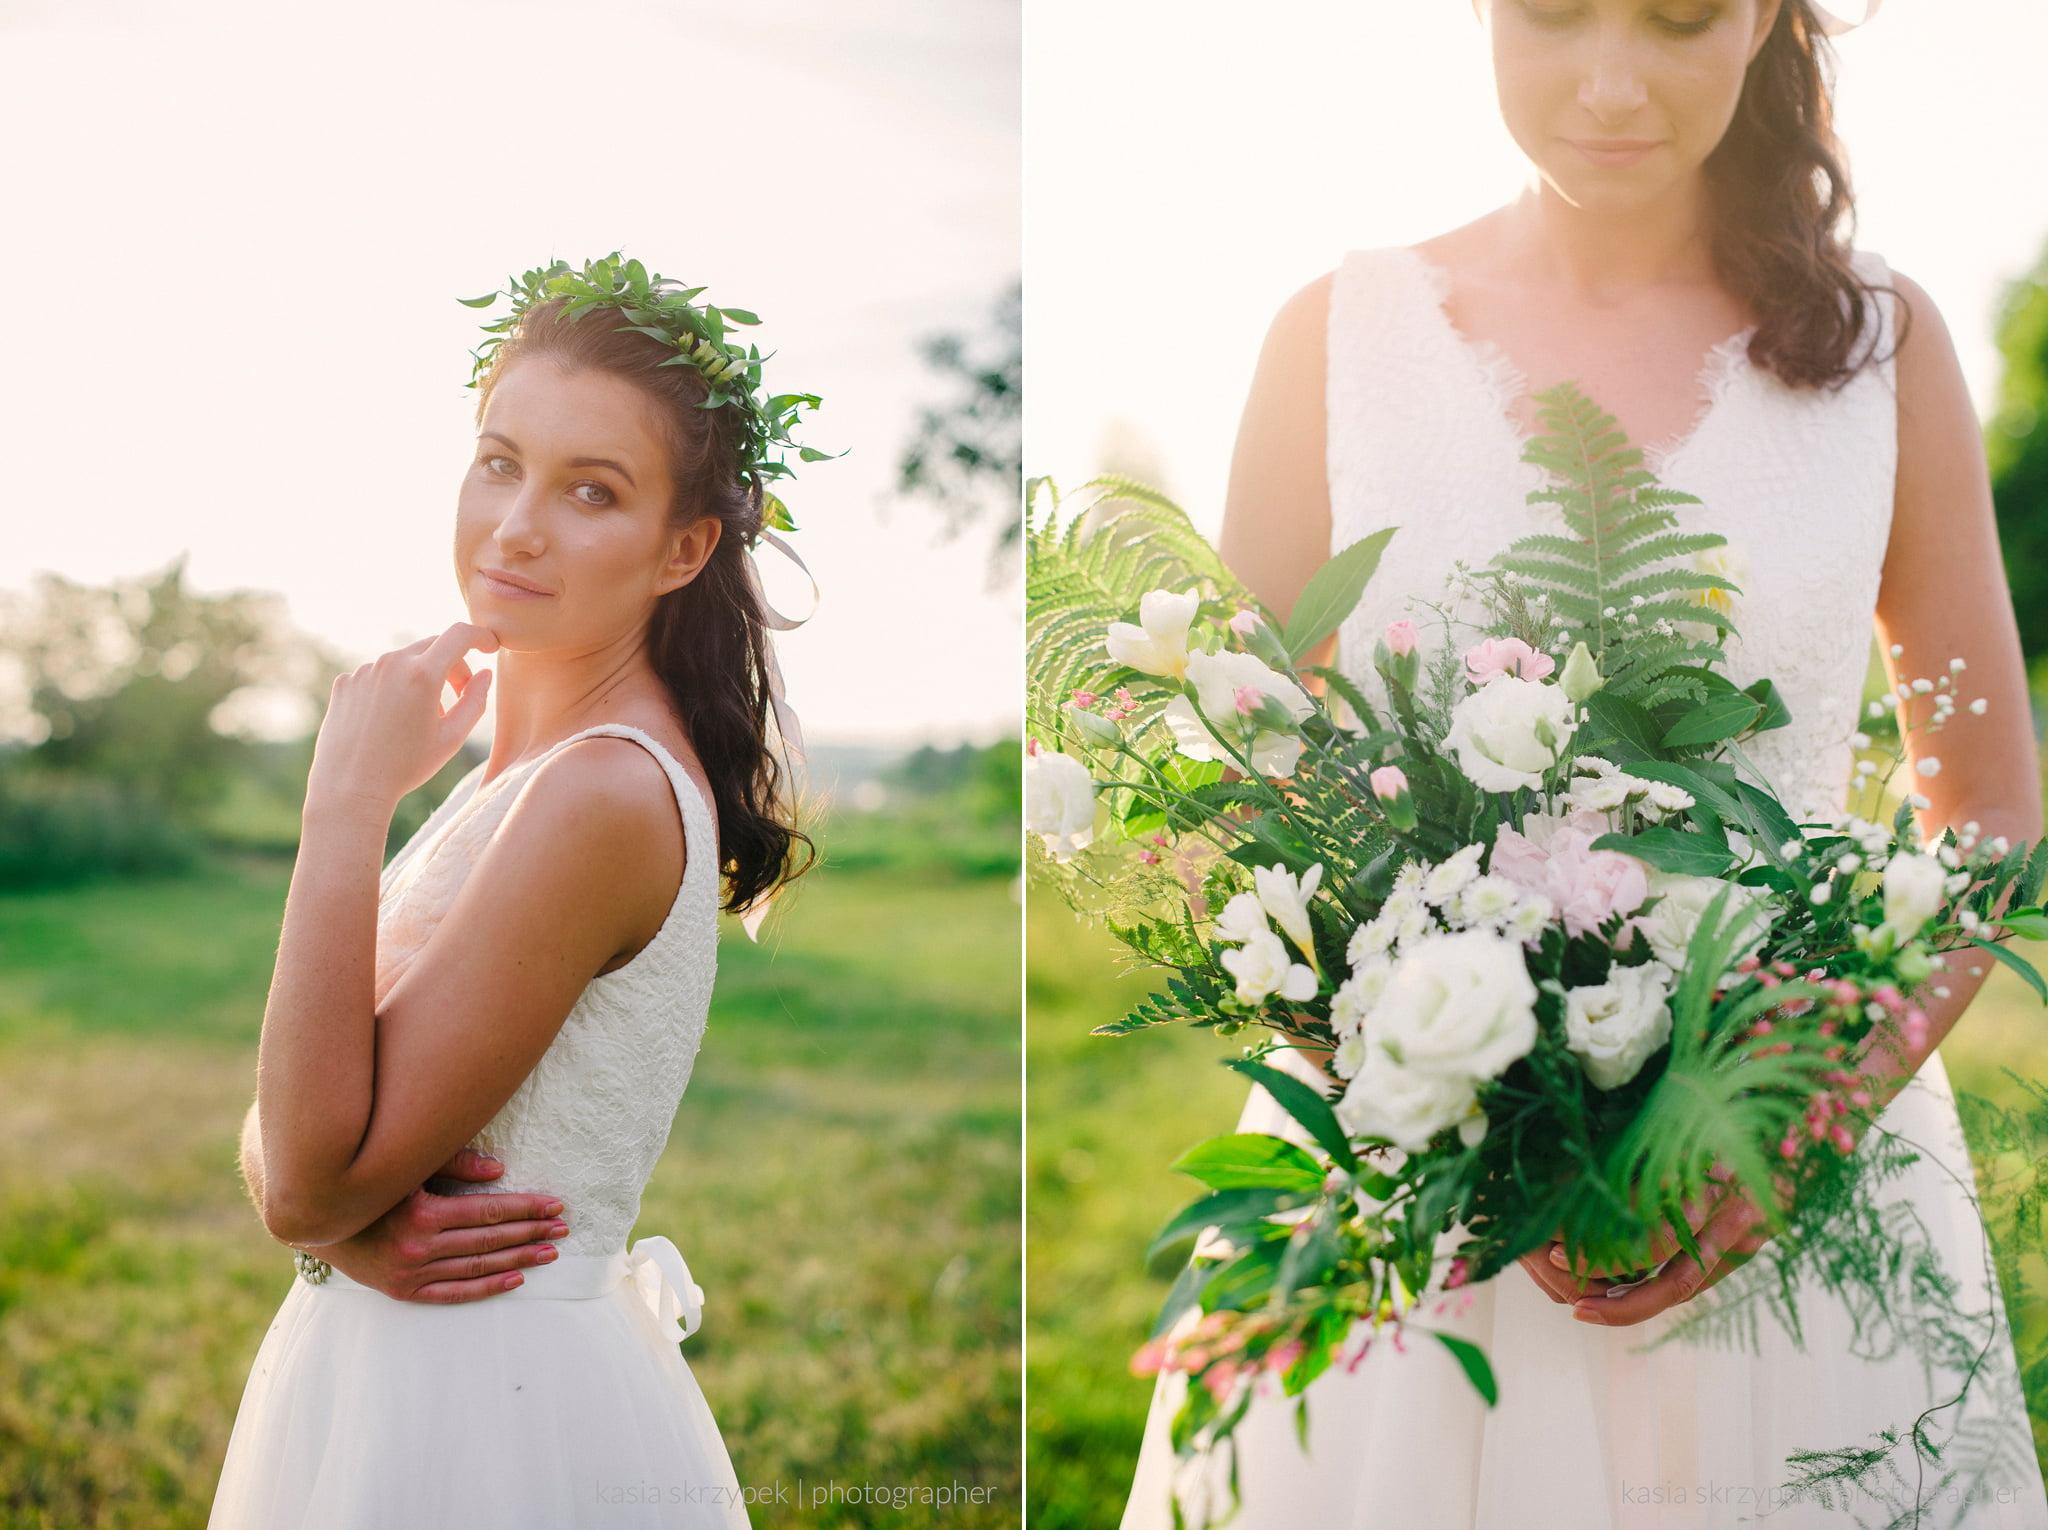 Blog-Botanical-Wedding-Styled-Shoot-24